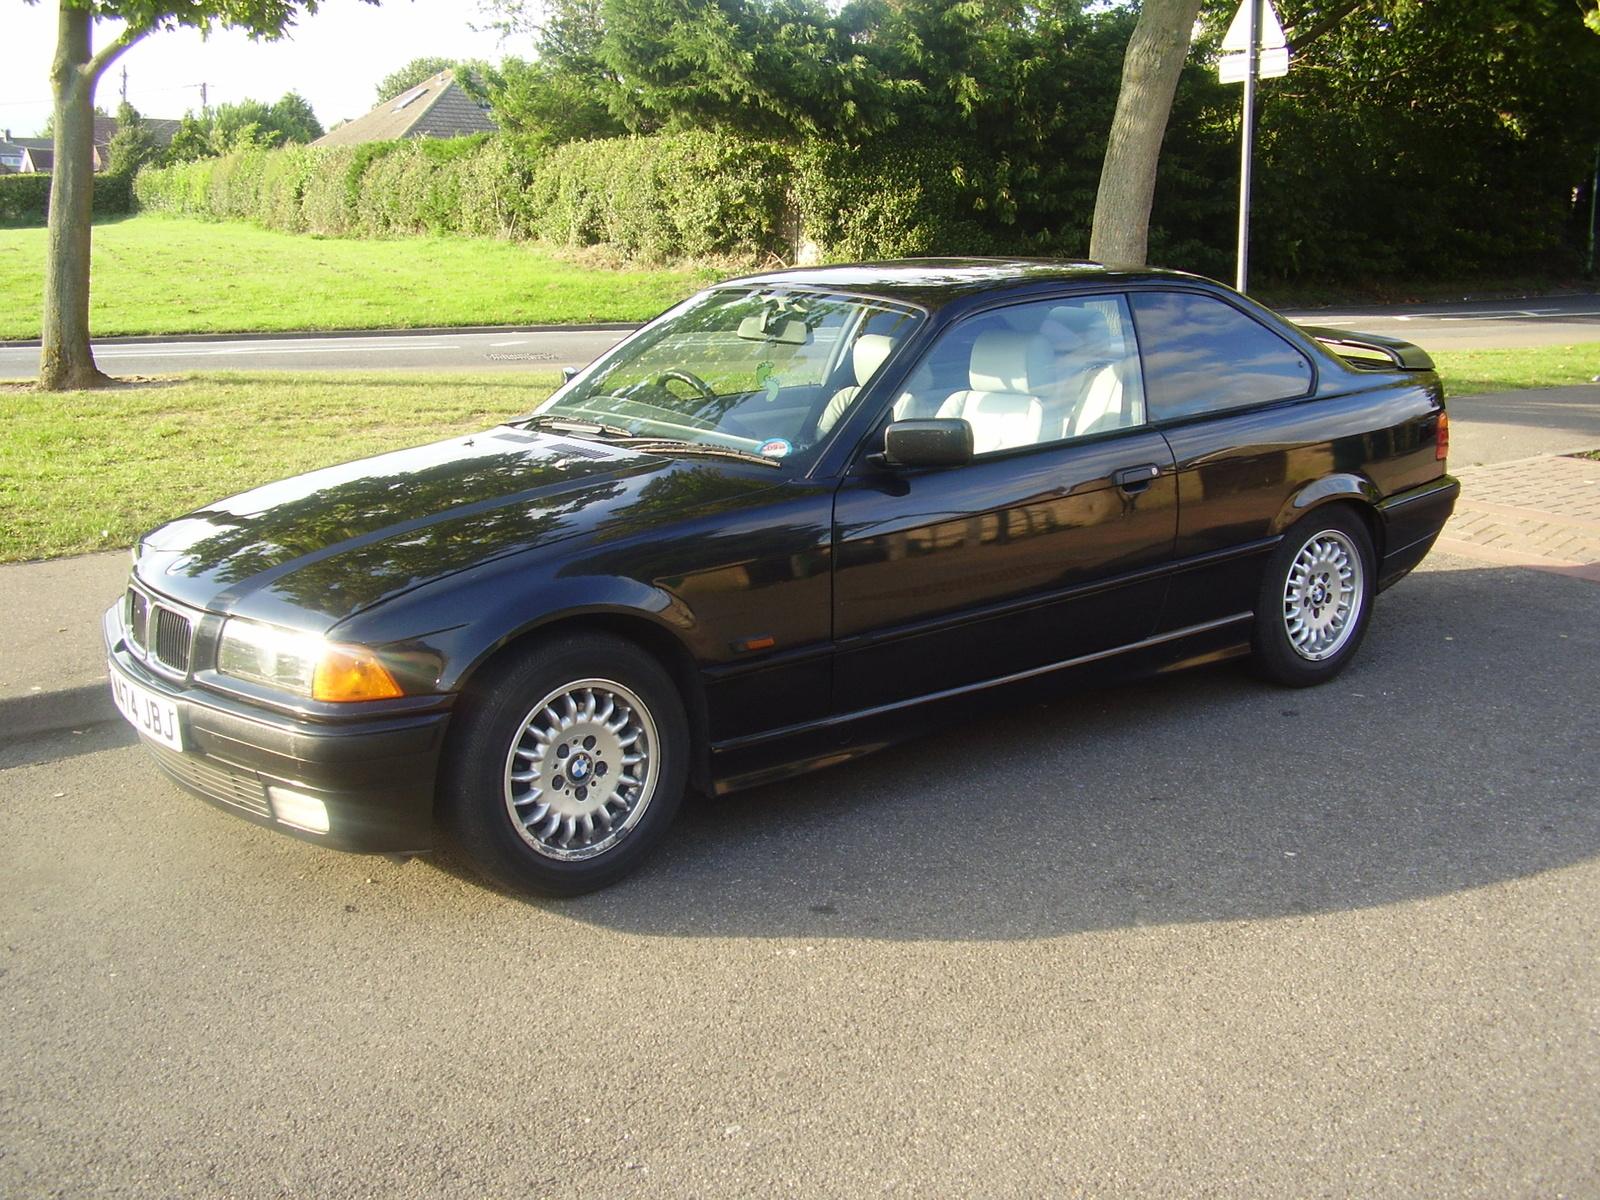 BMW 323i 1995 Photo - 1